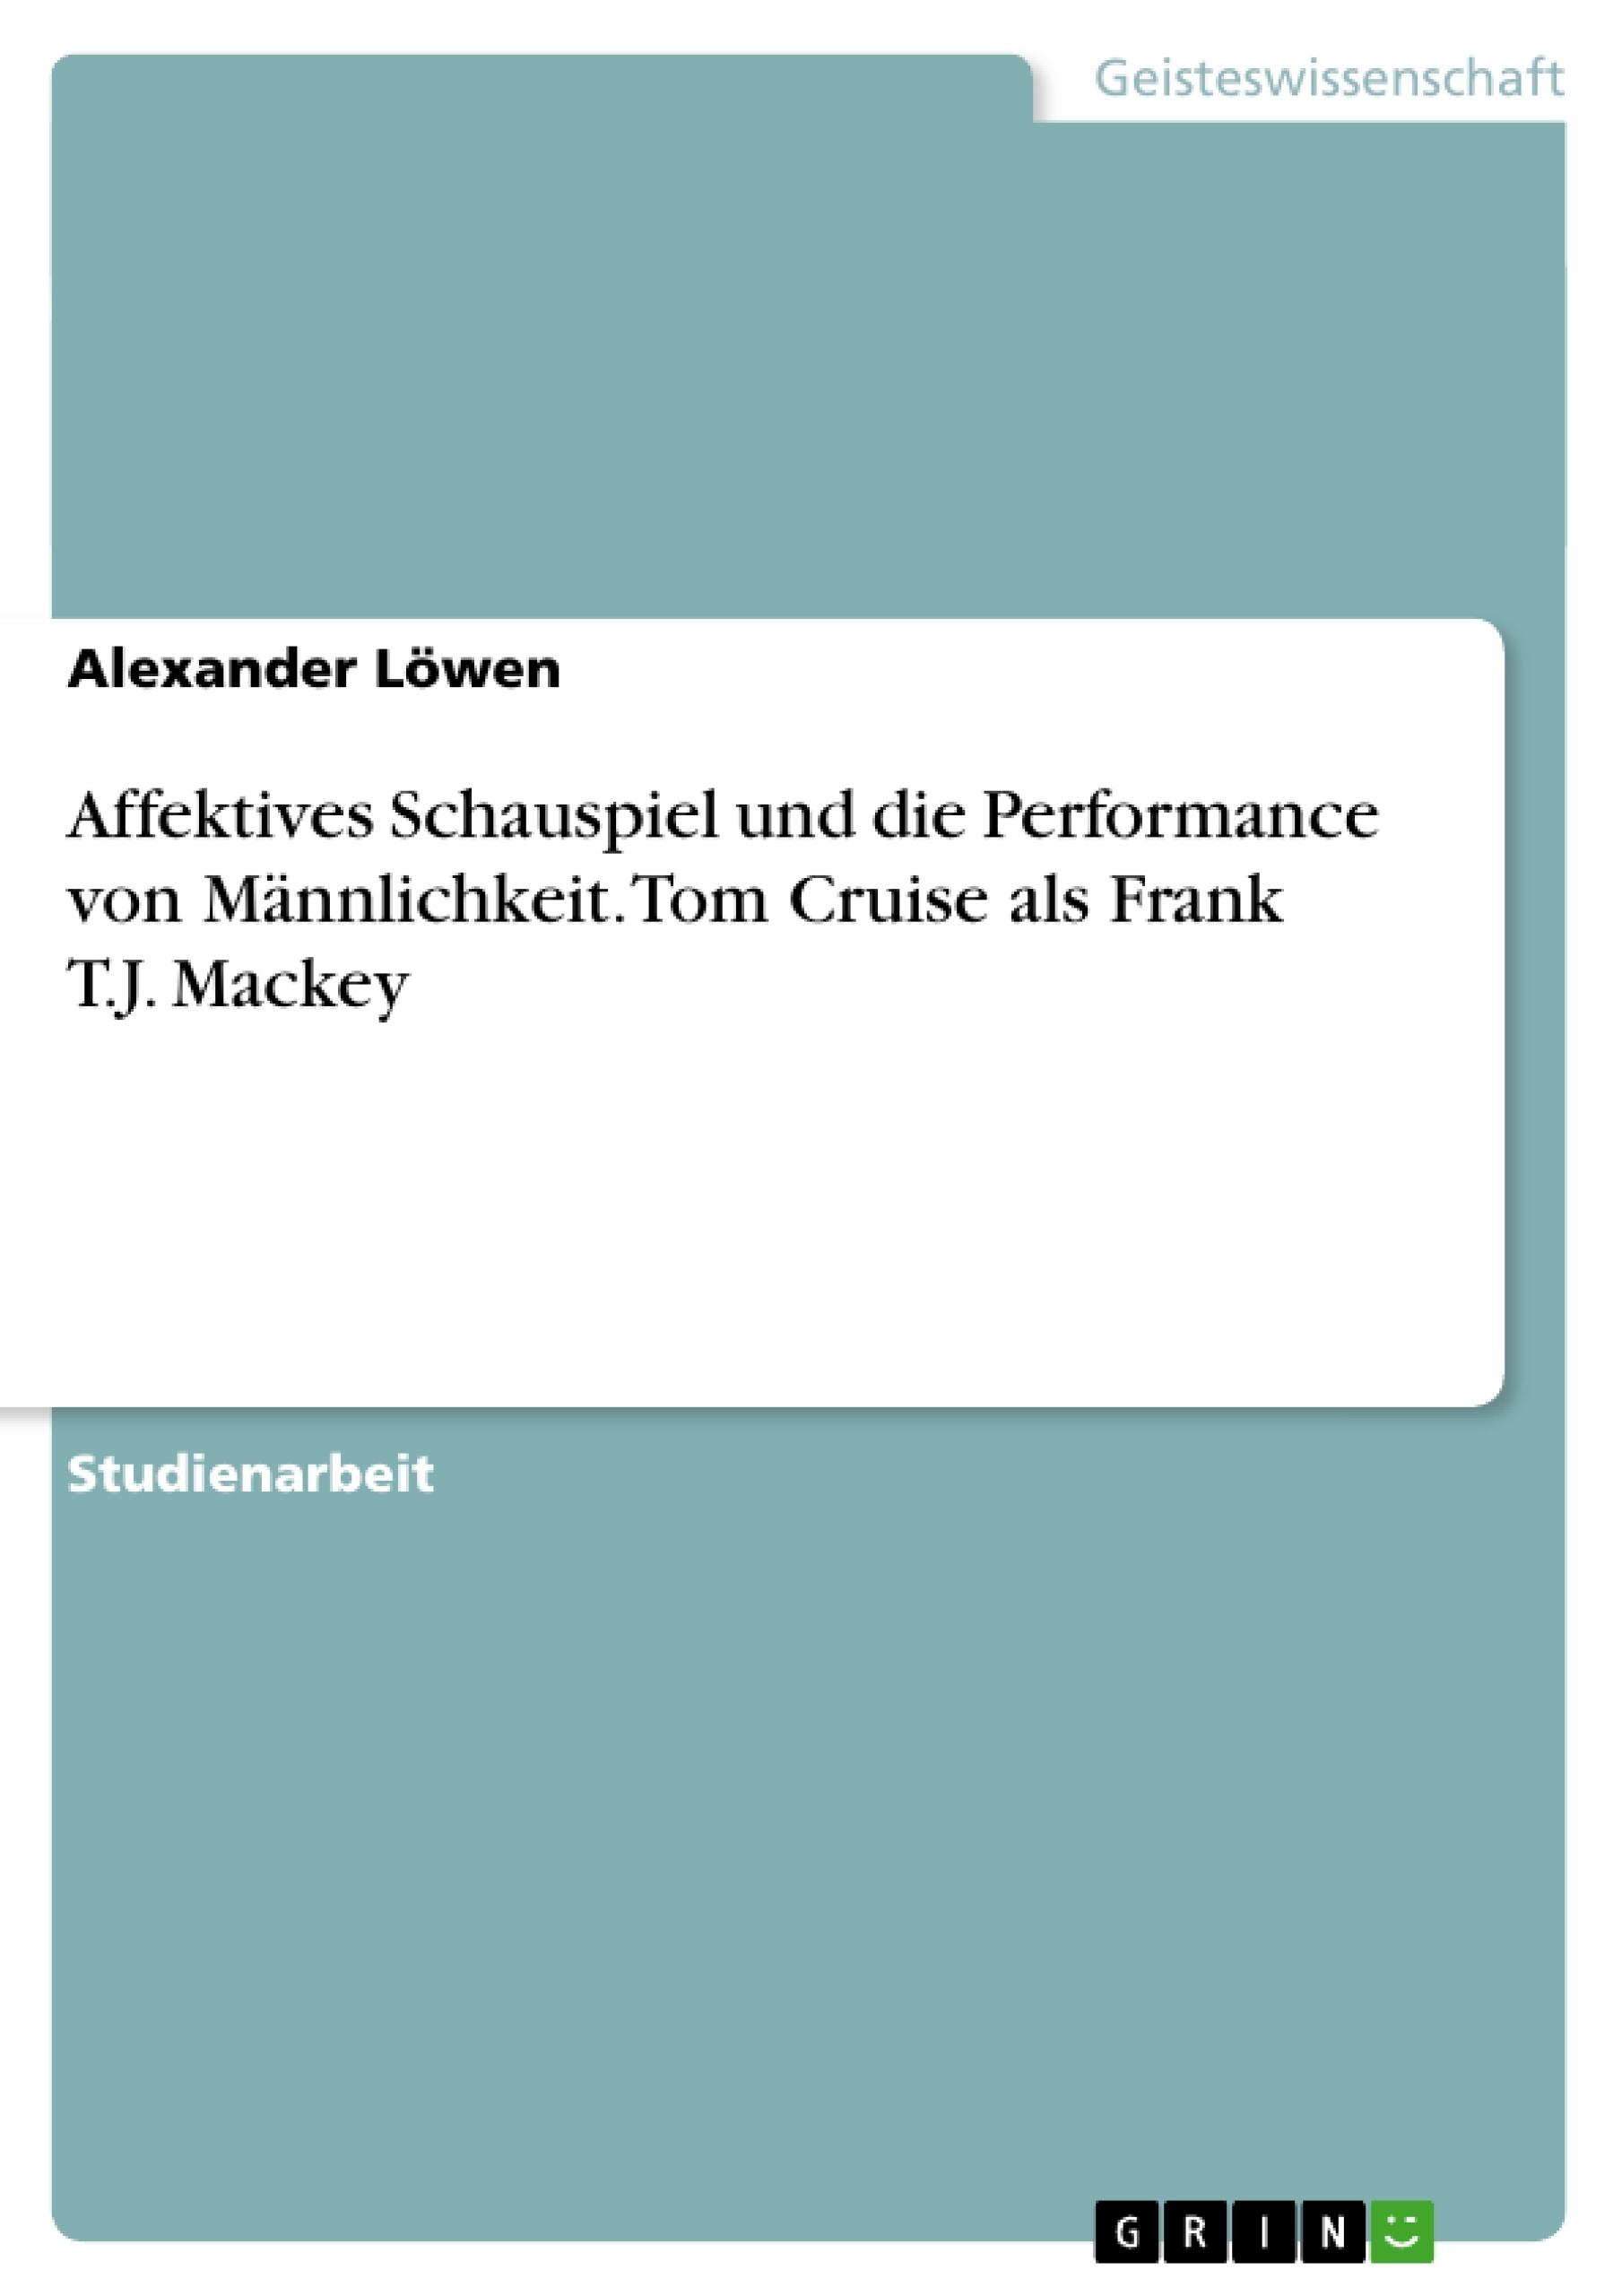 Titel: Affektives Schauspiel und die Performance von Männlichkeit. Tom Cruise als Frank T.J. Mackey